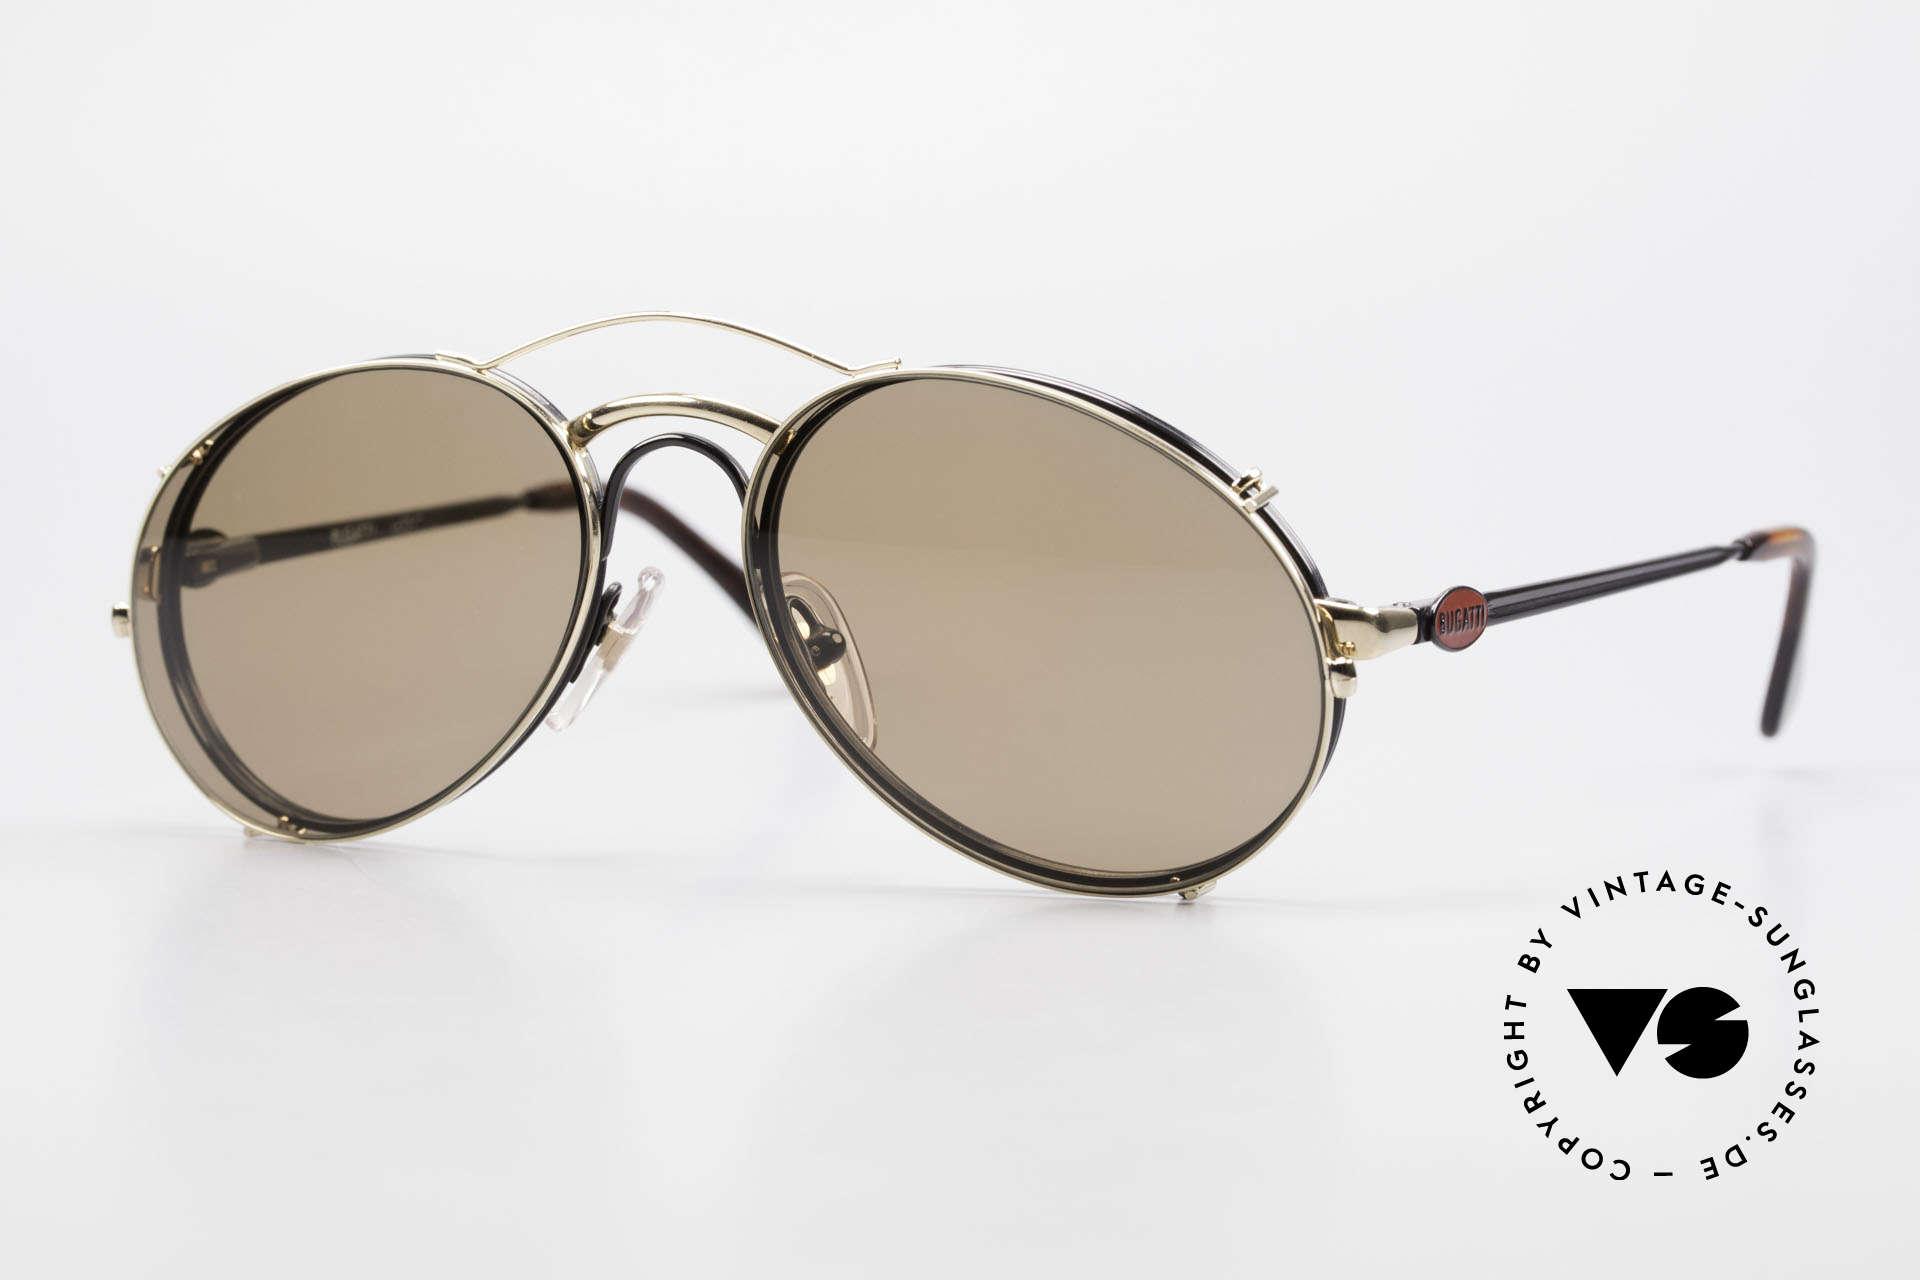 Bugatti 03326 80er Sonnenbrille Clip On Men, klassische BUGATTI vintage Sonnenbrille von 1989, Passend für Herren